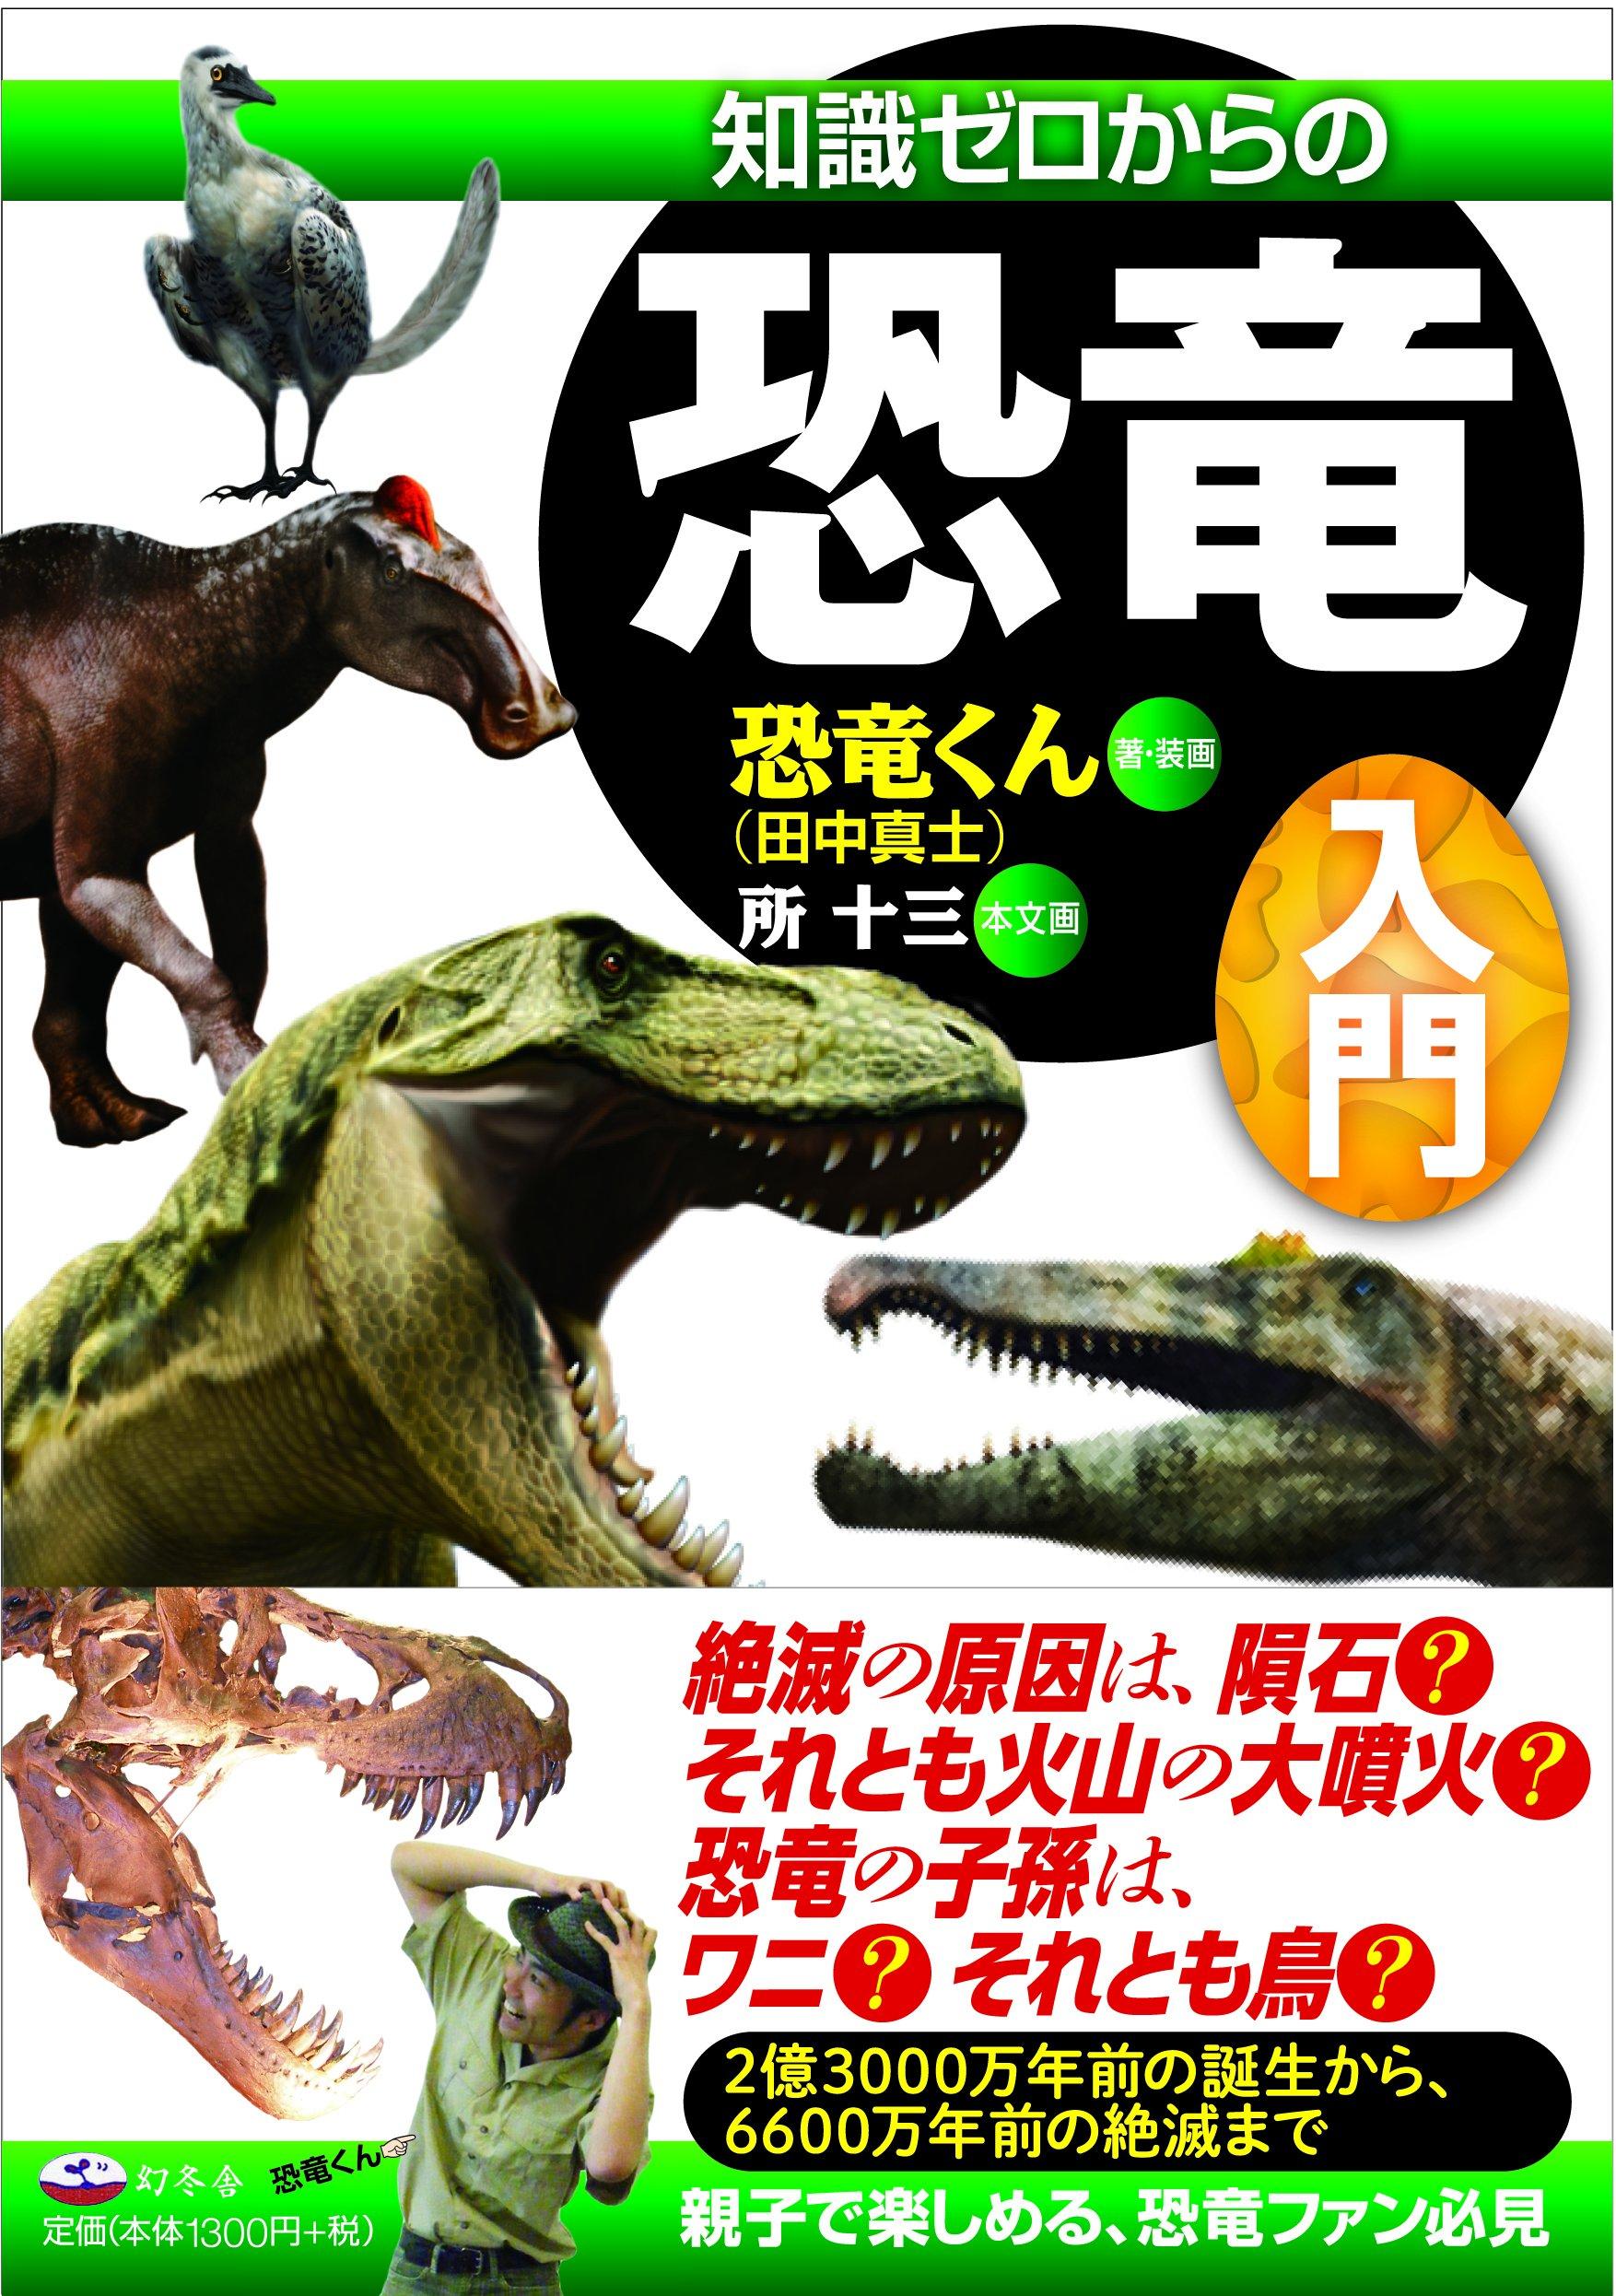 知識ゼロからの恐竜